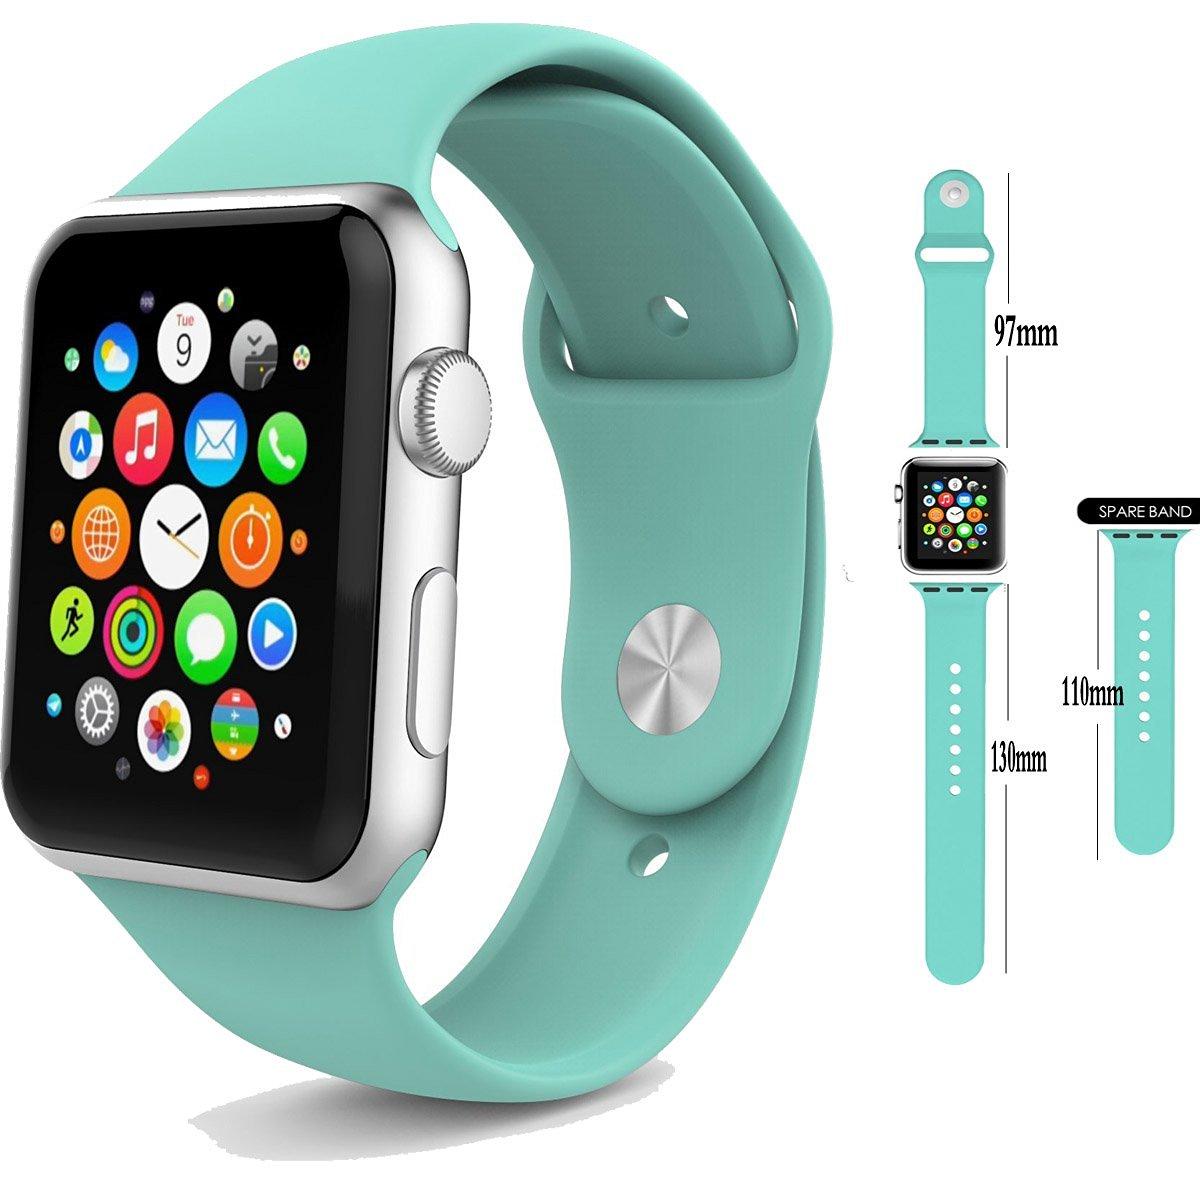 Řemínek SmoothBand pro Apple Watch Series 3/2/1 42mm - Mátově zelený